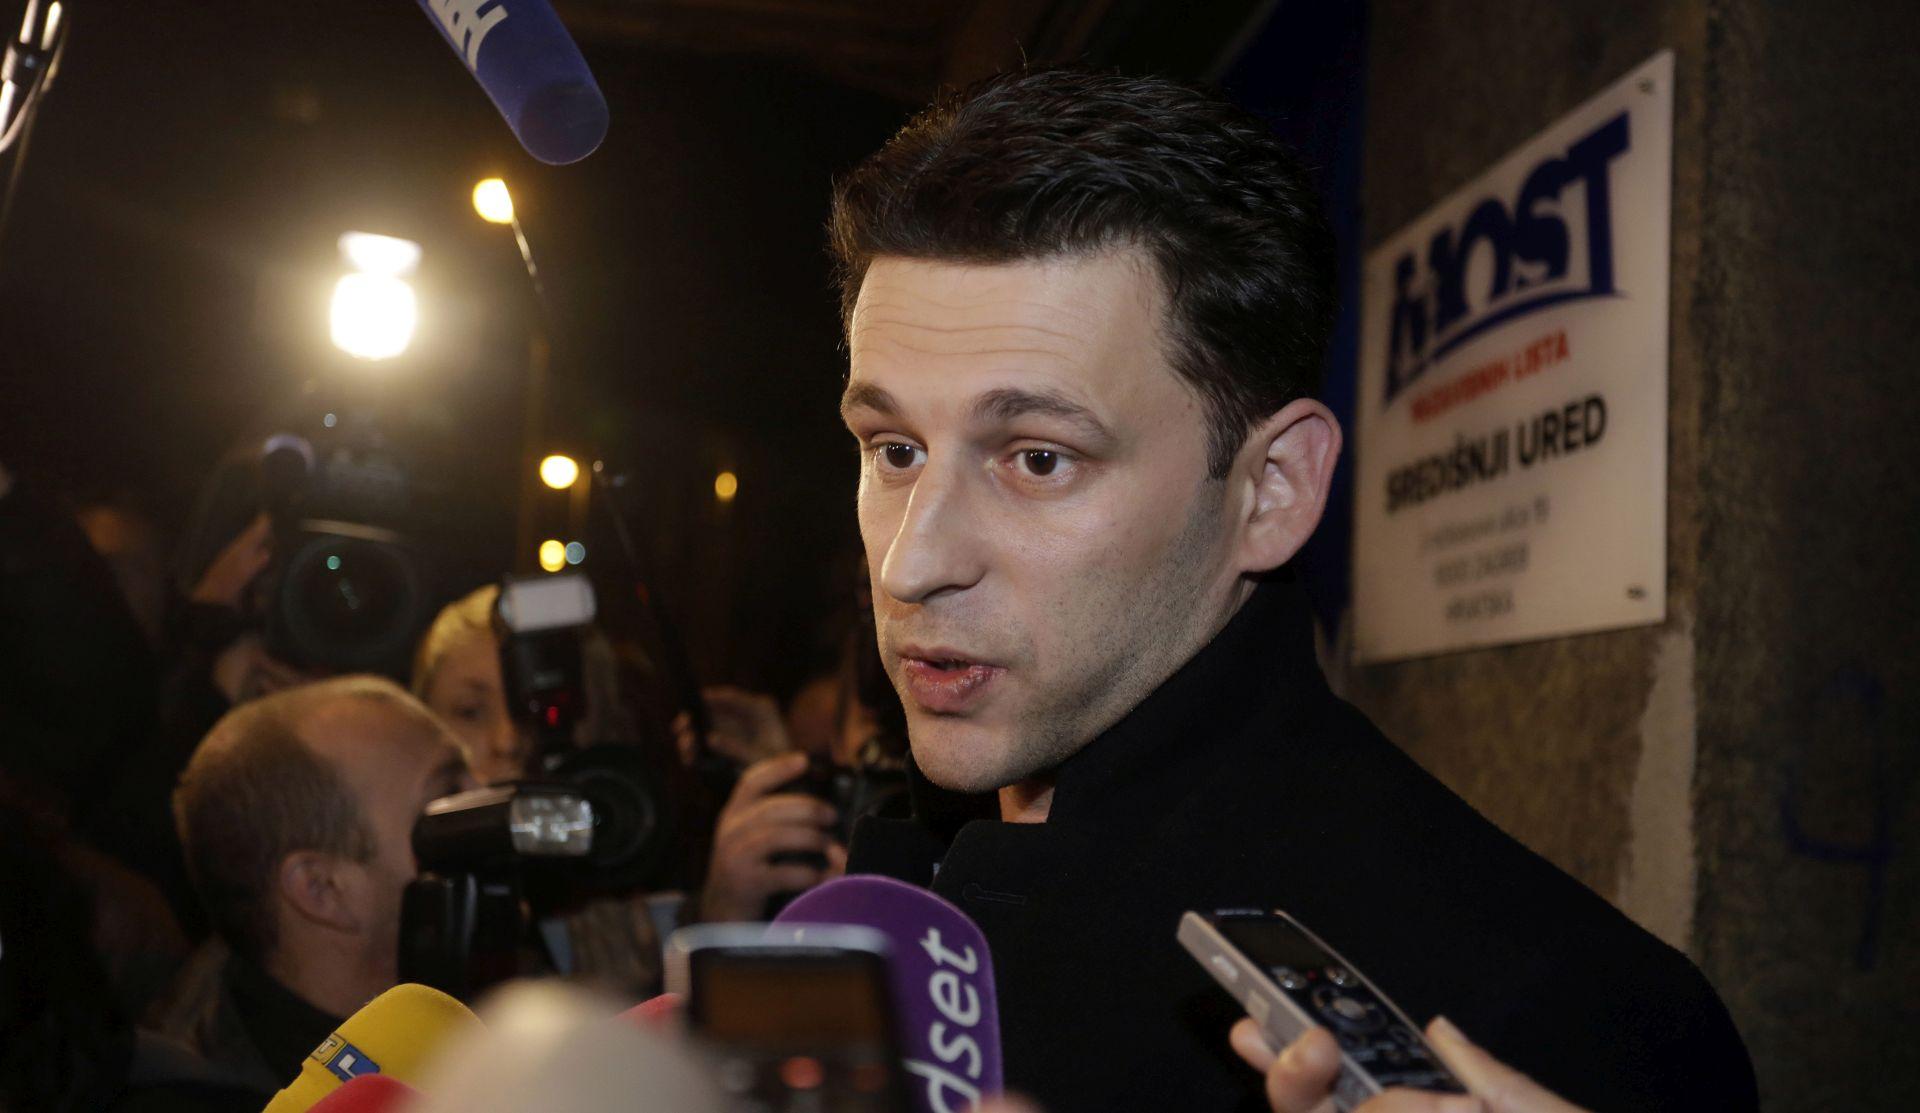 Milanović ponudio Petrovu potpise koalicije Hrvatska raste; Most tražio dodatno vrijeme